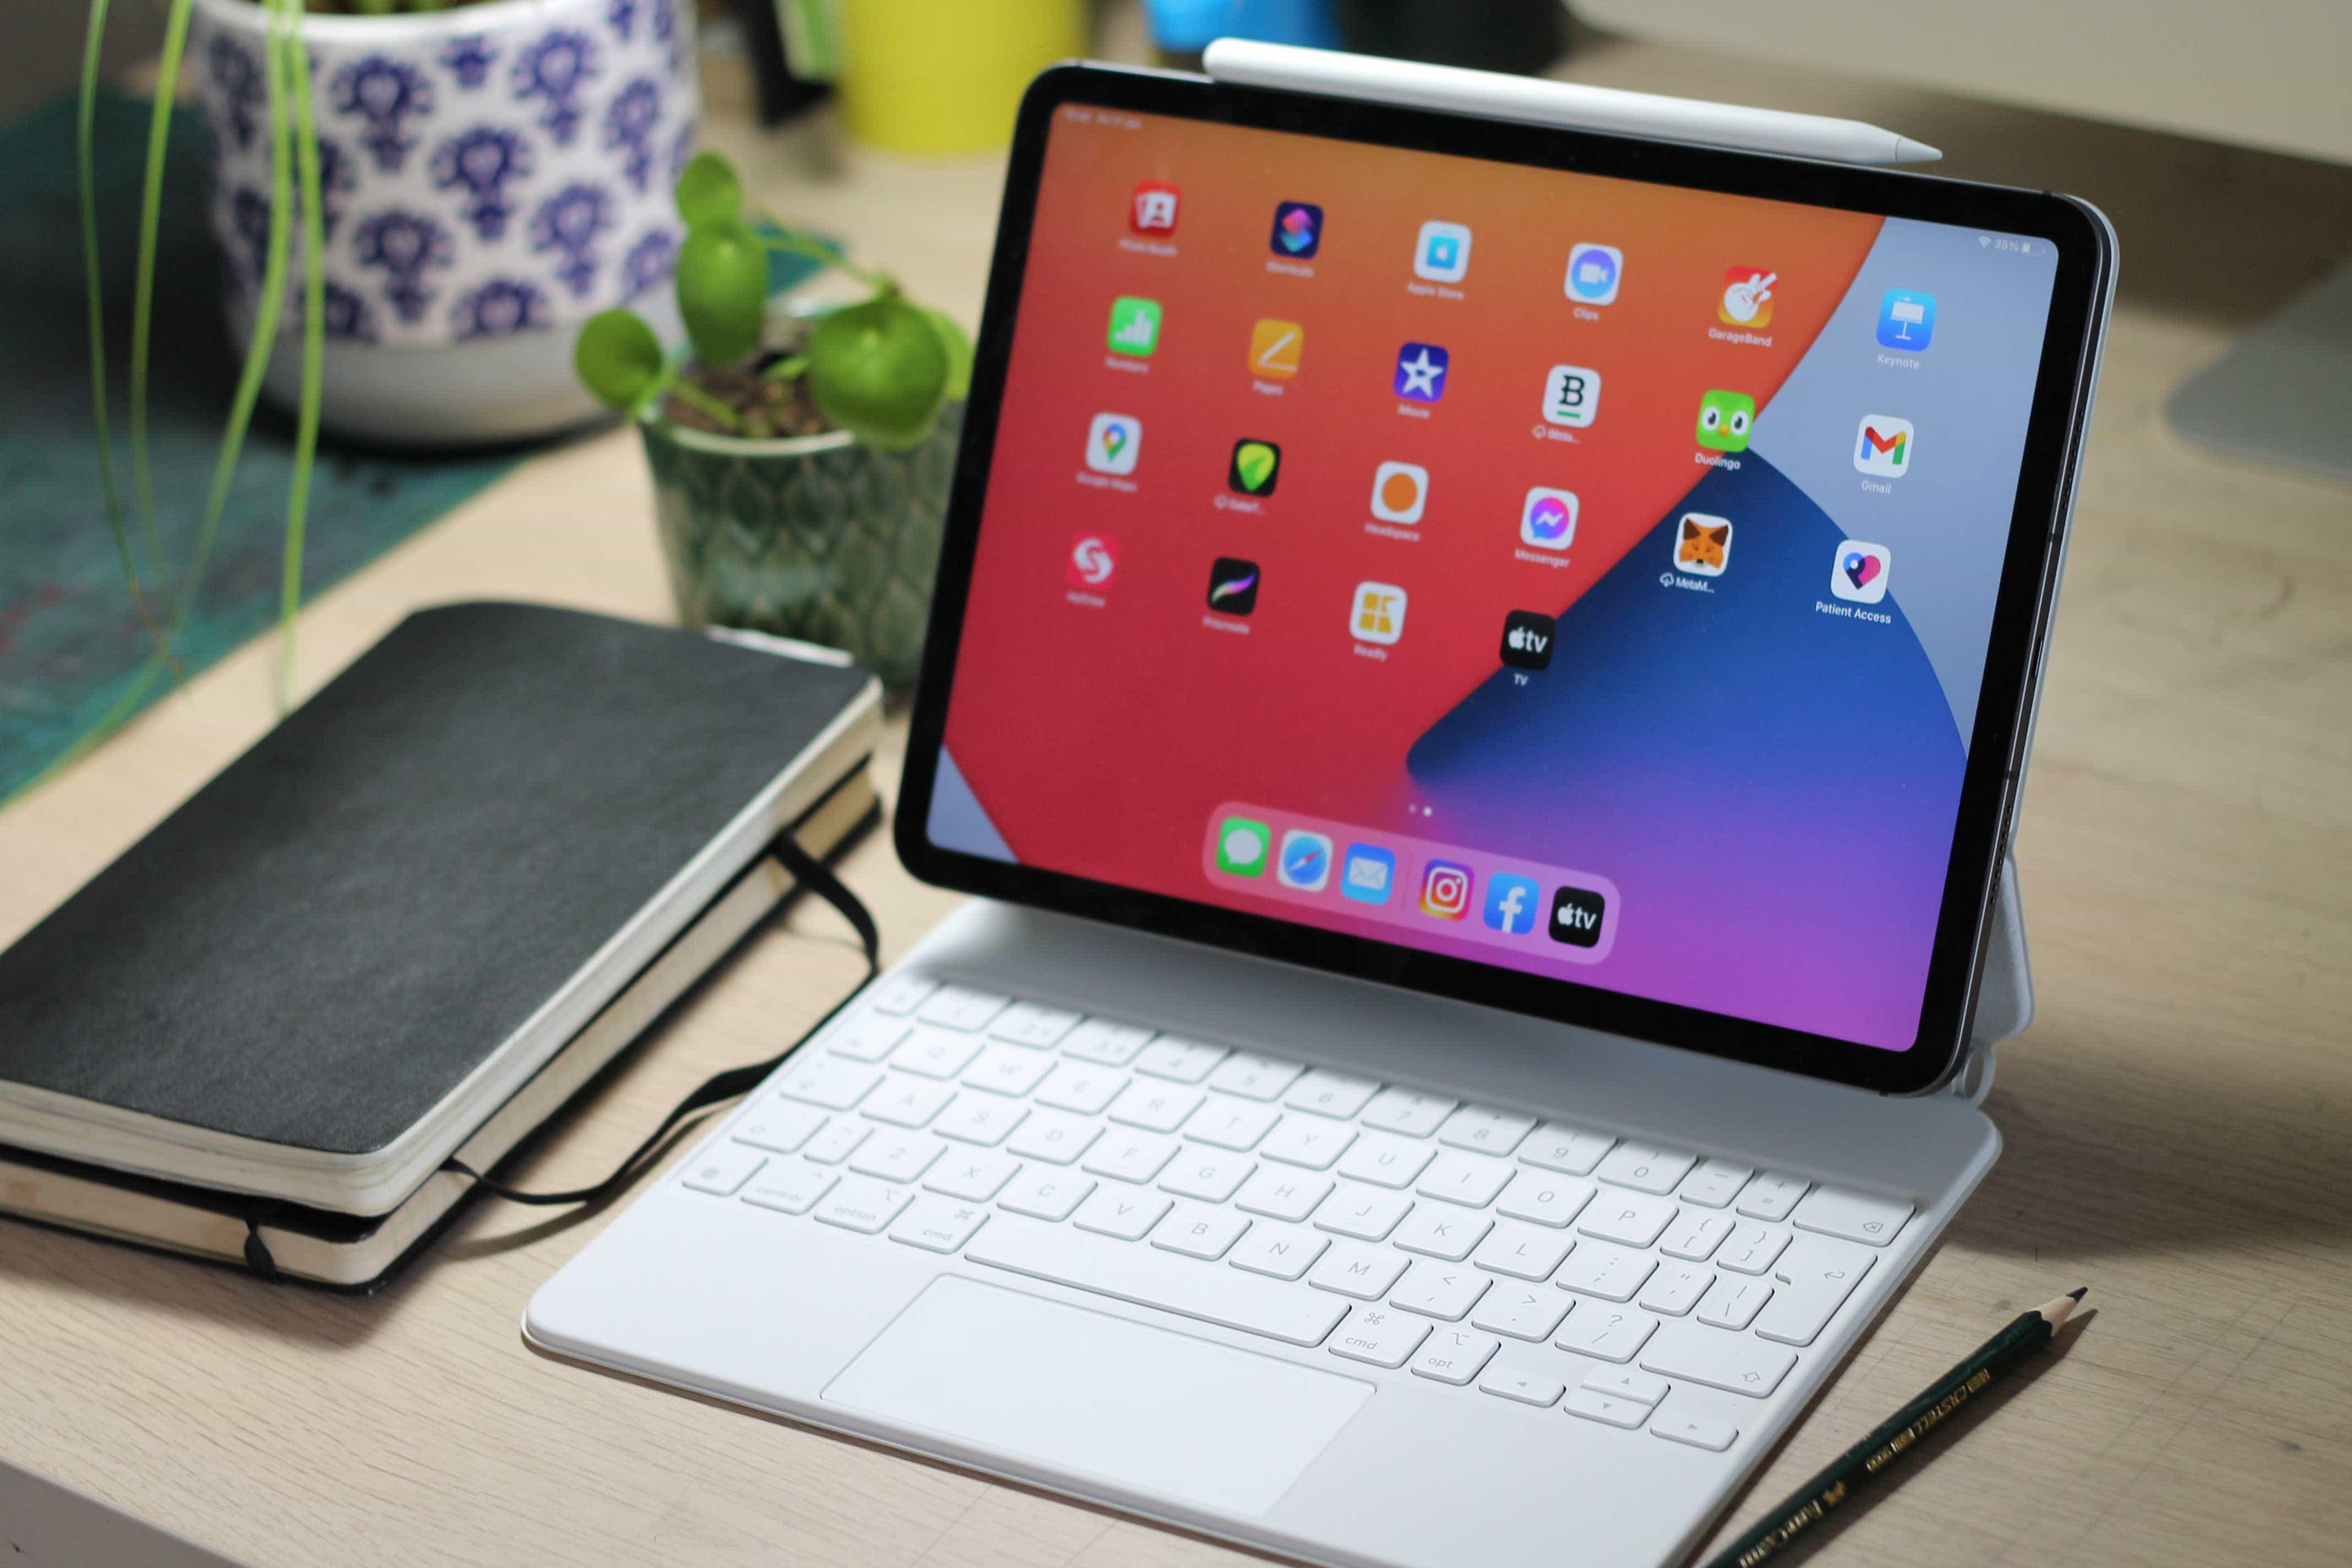 El próximo rediseño del iPad de Apple podría ser enorme (literalmente)